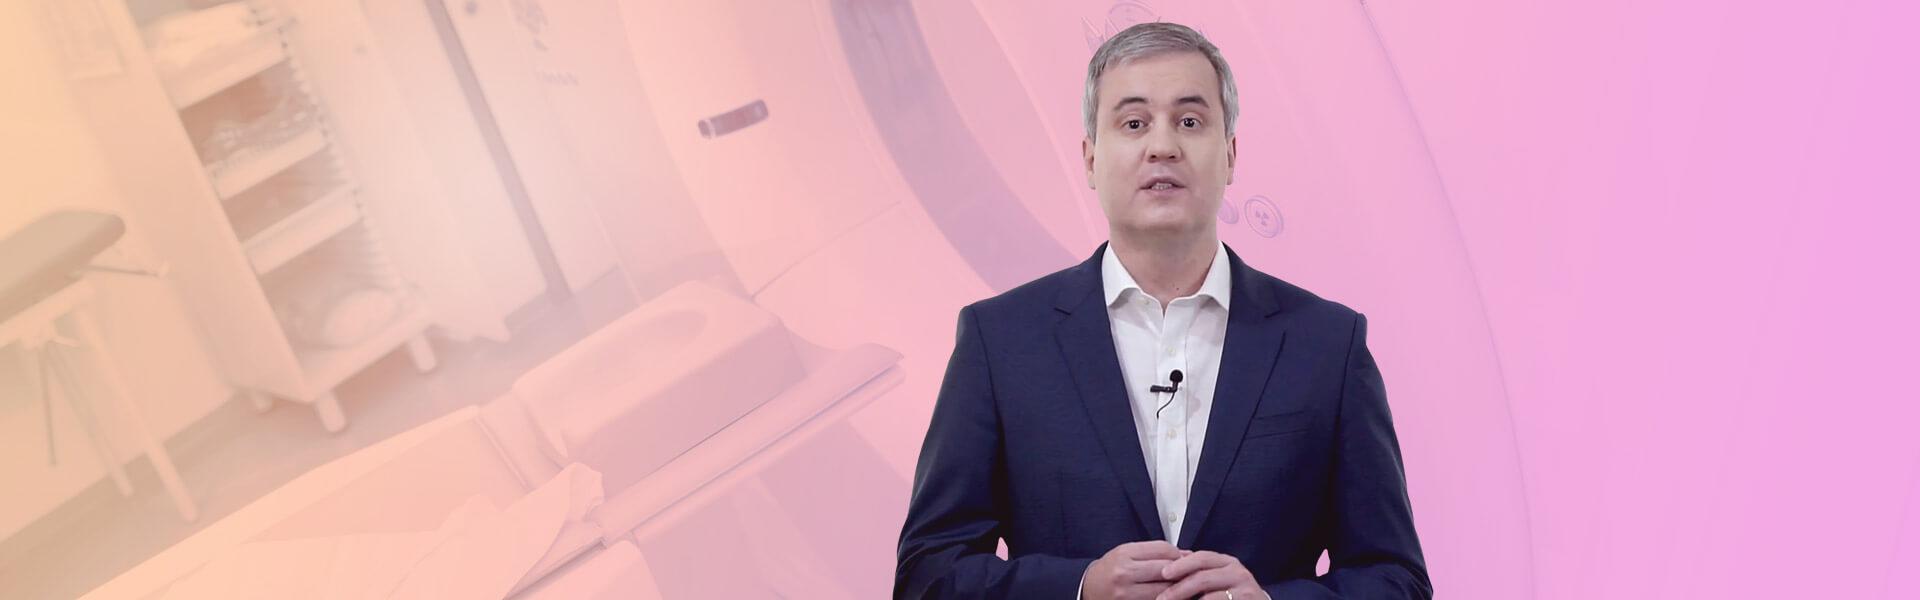 O que é o realce em ressonância magnética de mamas?